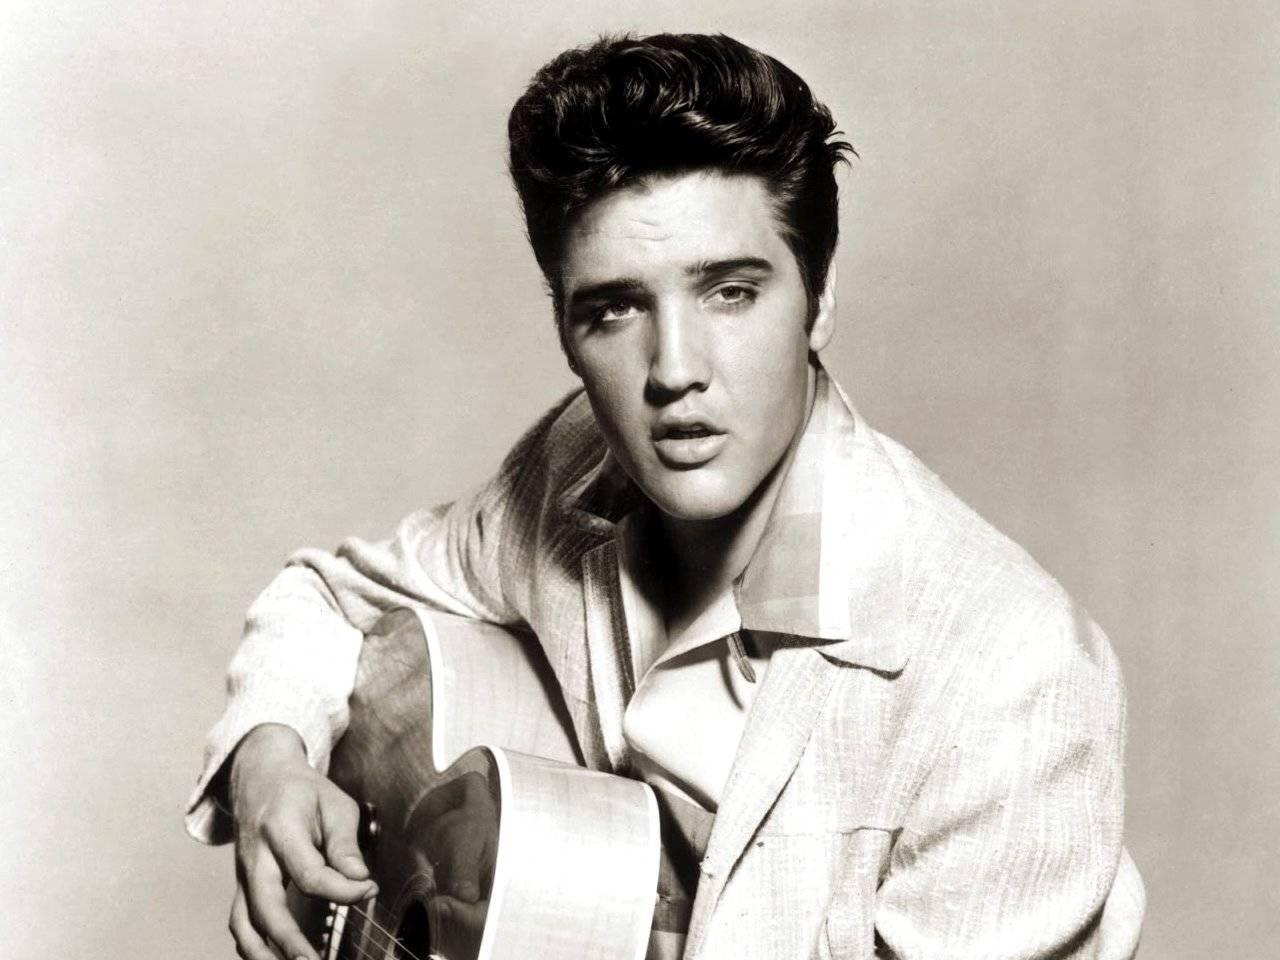 Hace 39 años murió Elvis Presley y nació una leyenda